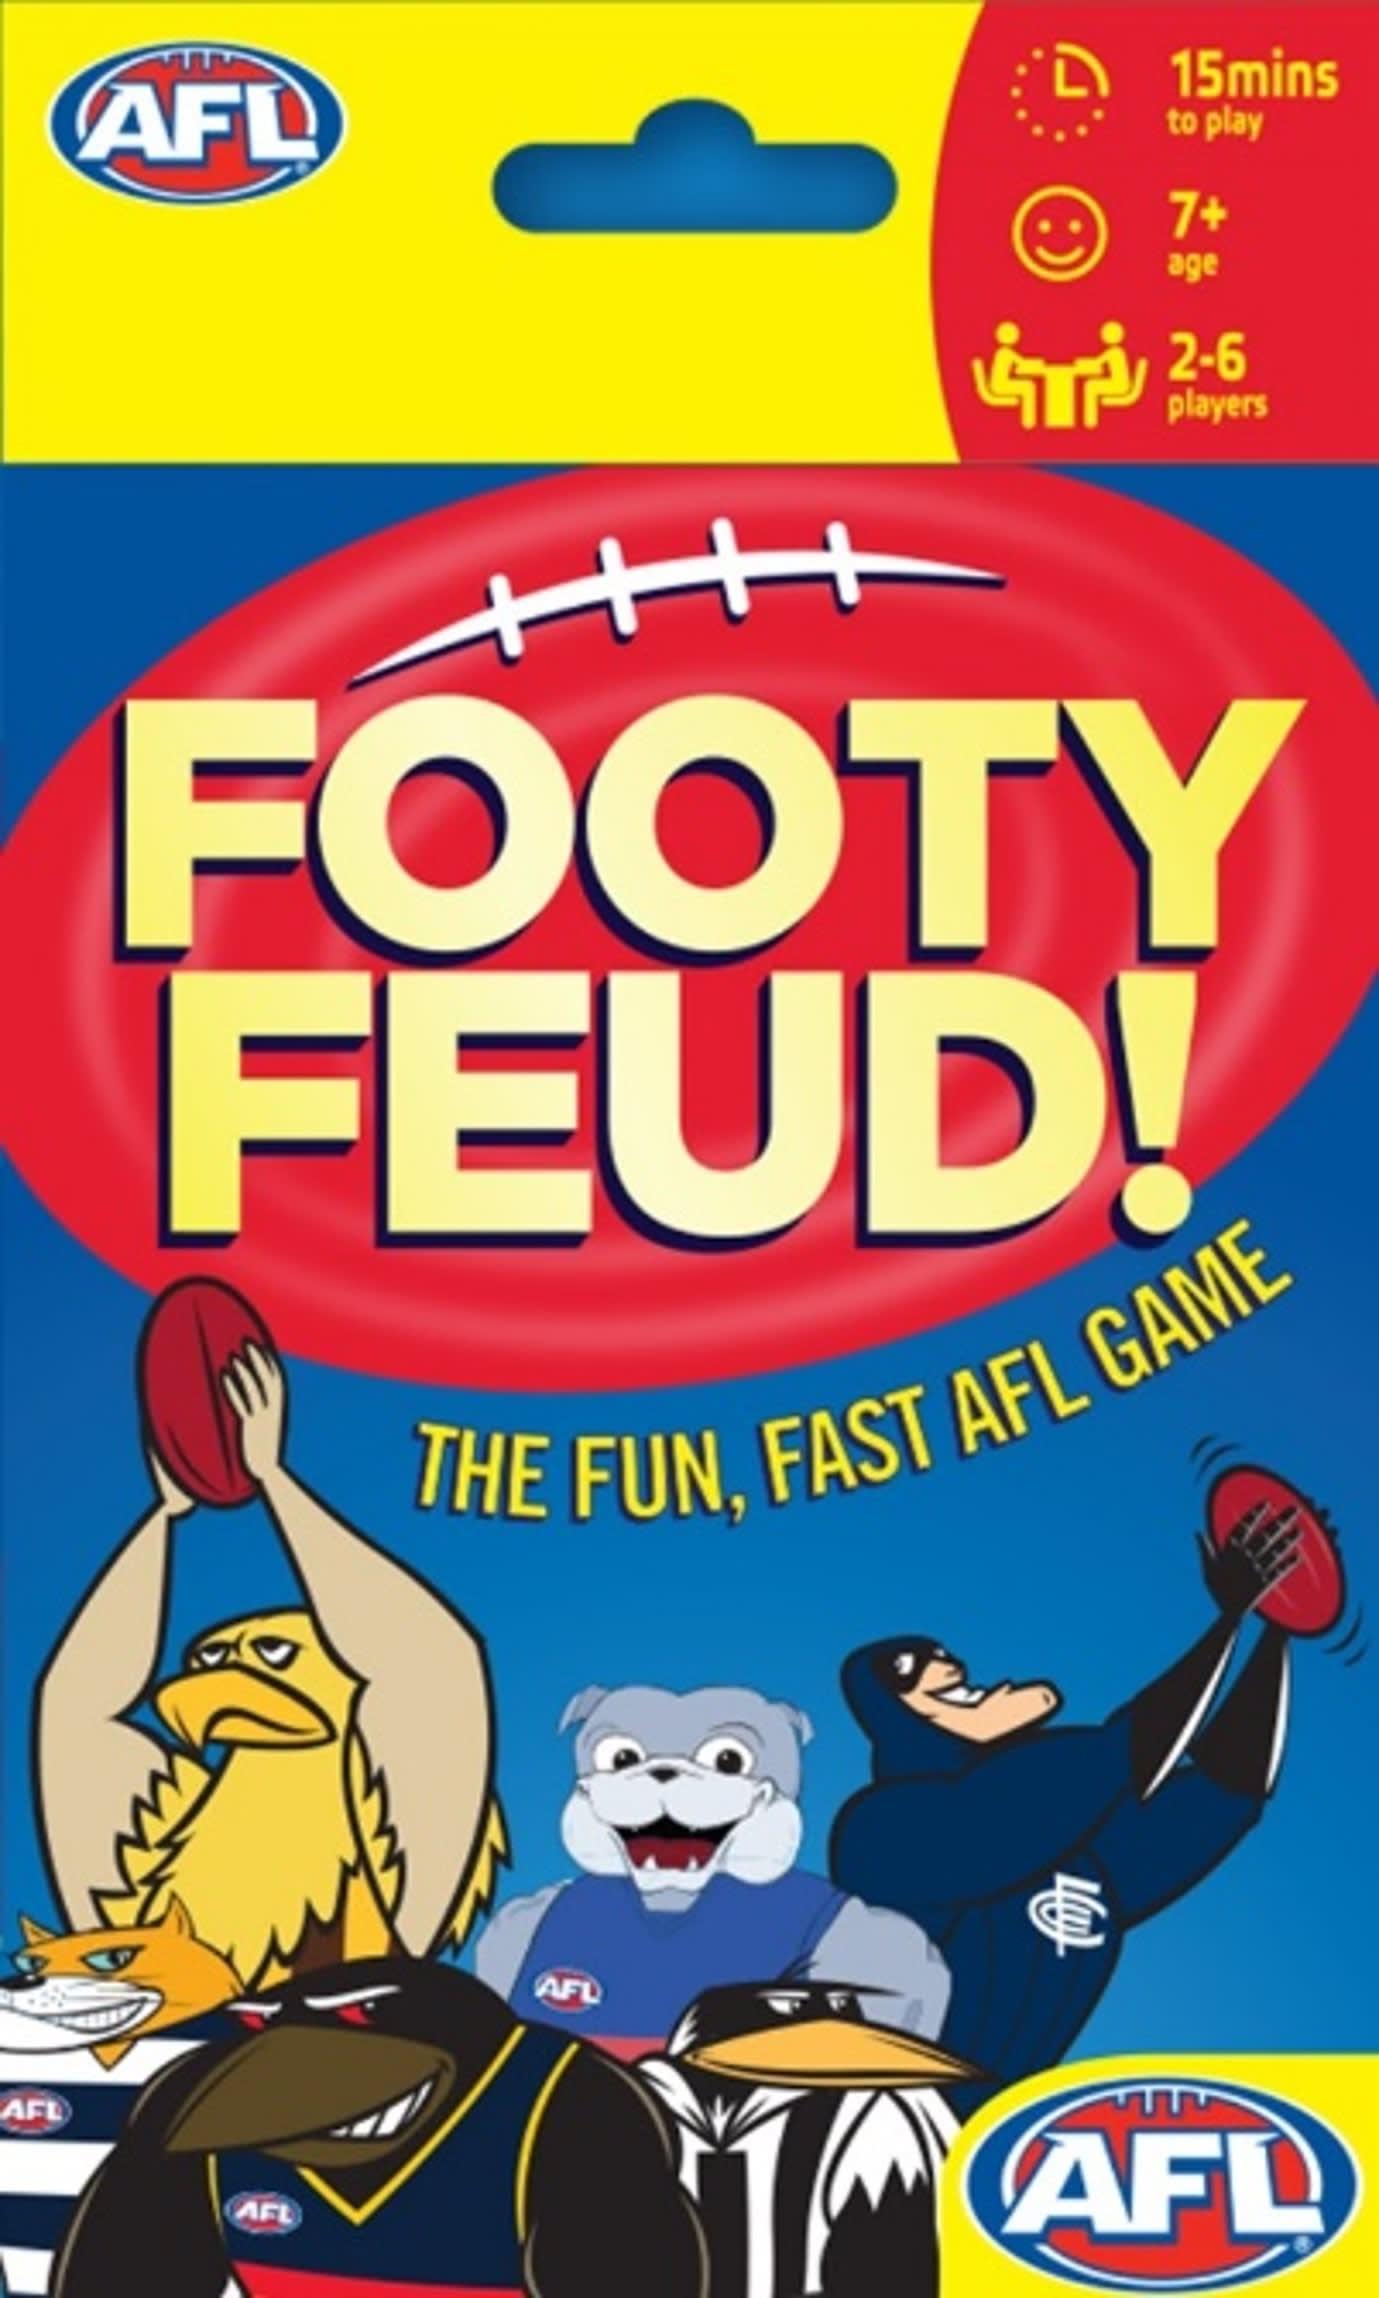 Footy Feud